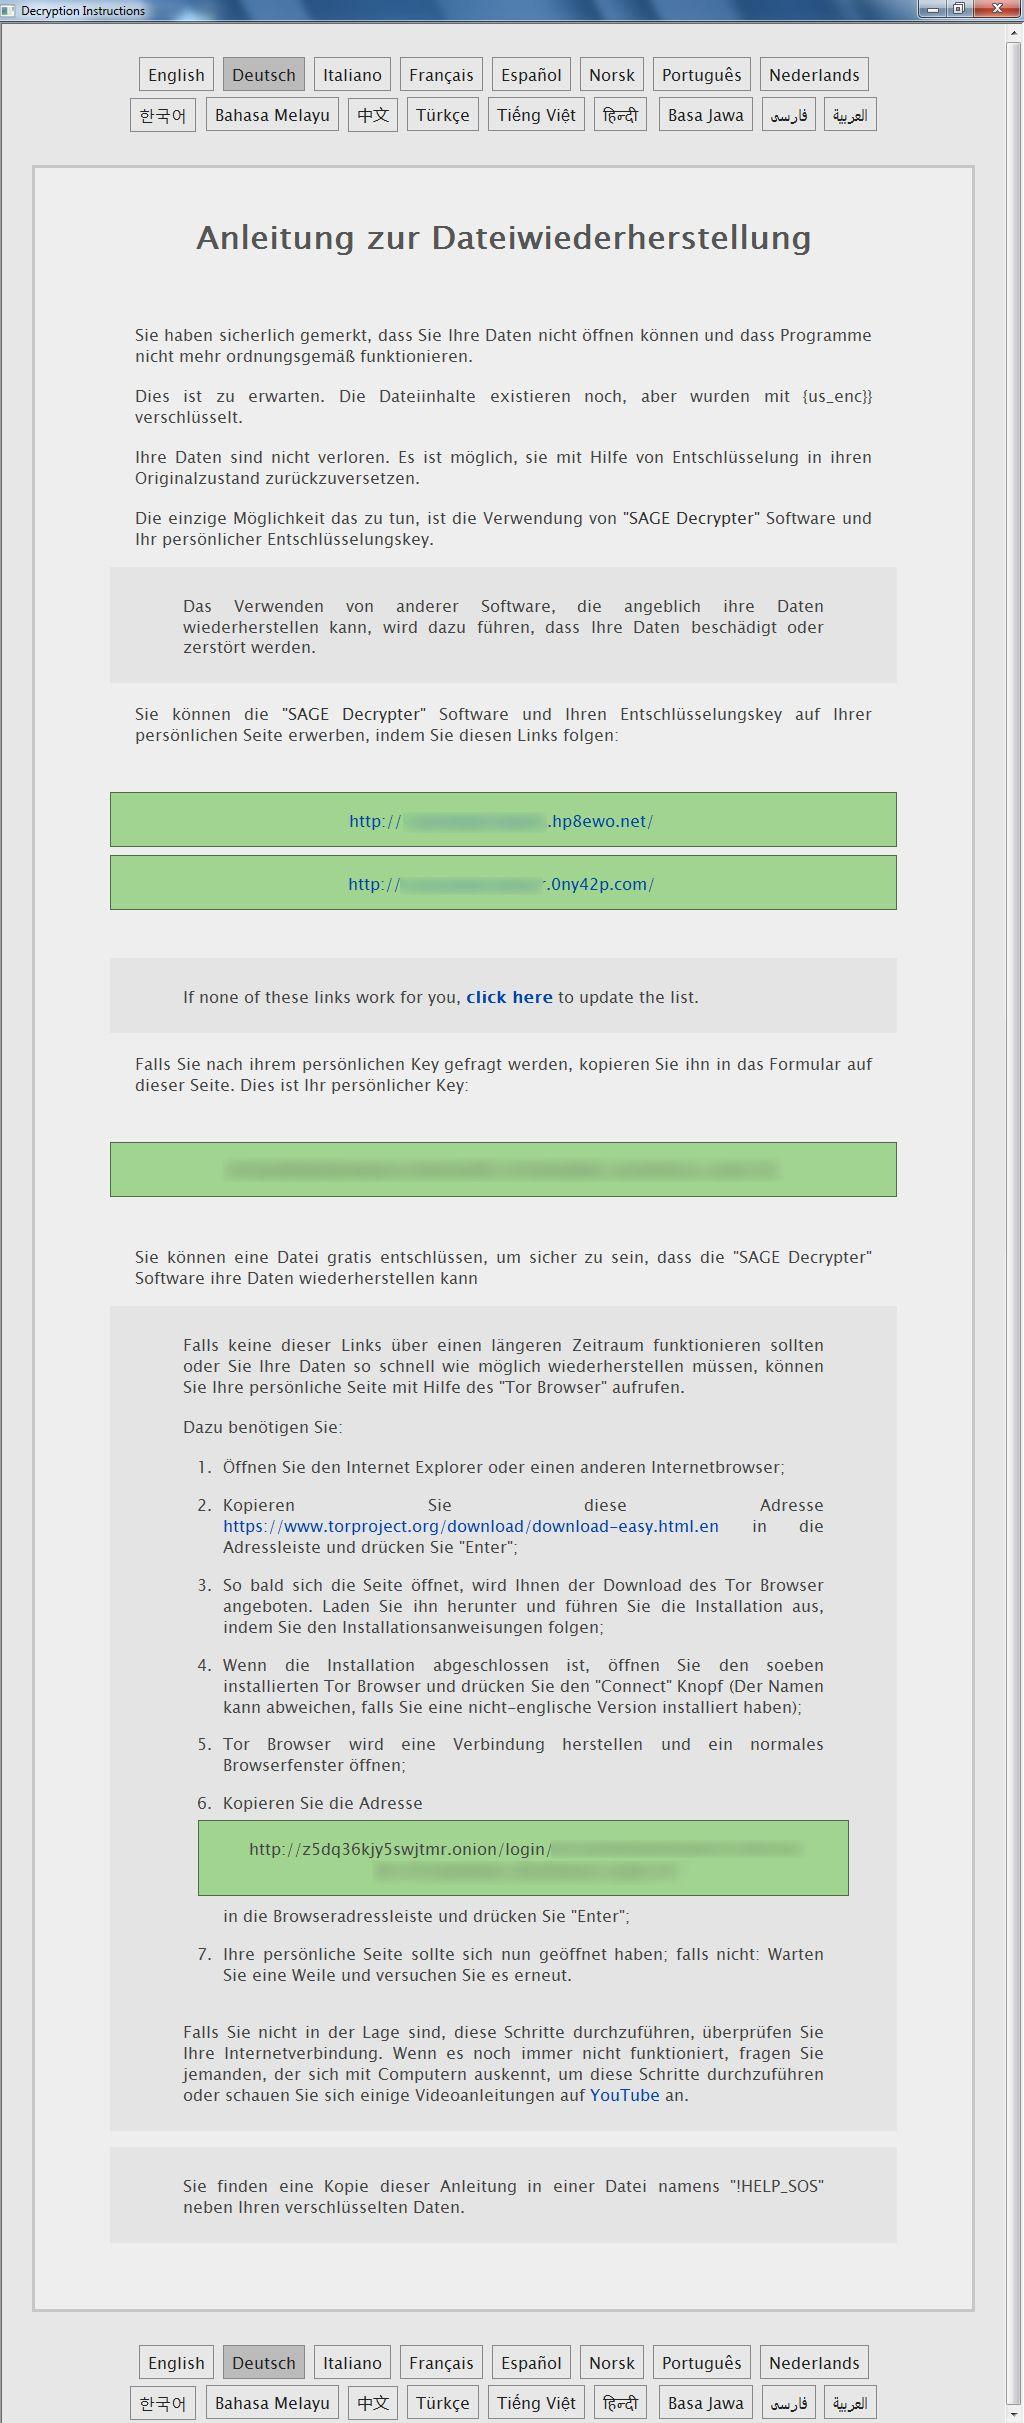 E-Mail ohne Betreff bringt Sage Ransomware (Verschlüsselungs- und ...